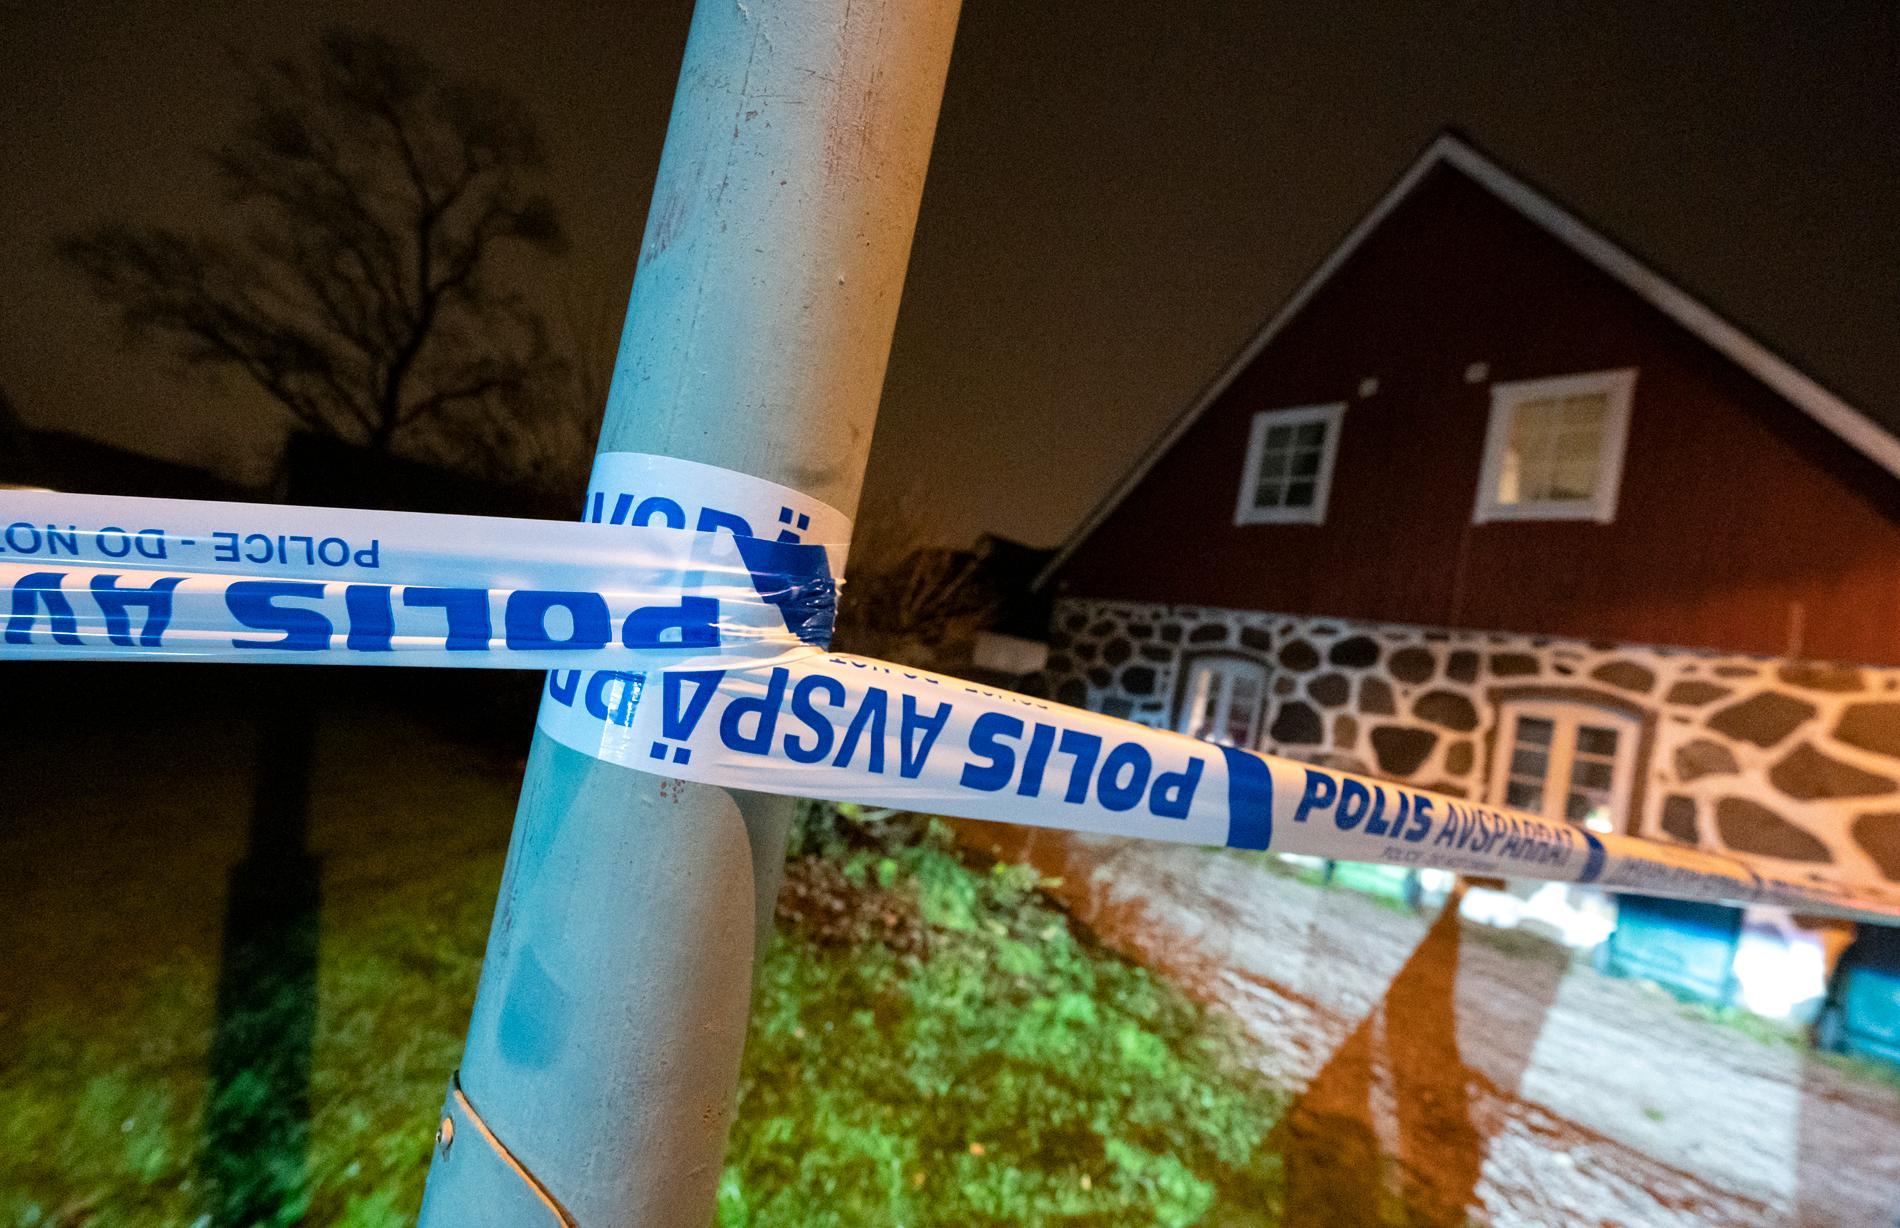 November förra året: Polis och avspärrningar vid en fastighet i Åstorp efter att en person hittats död. Personen hittades av en privatperson som slog larm, enligt polis. Arkivbild.